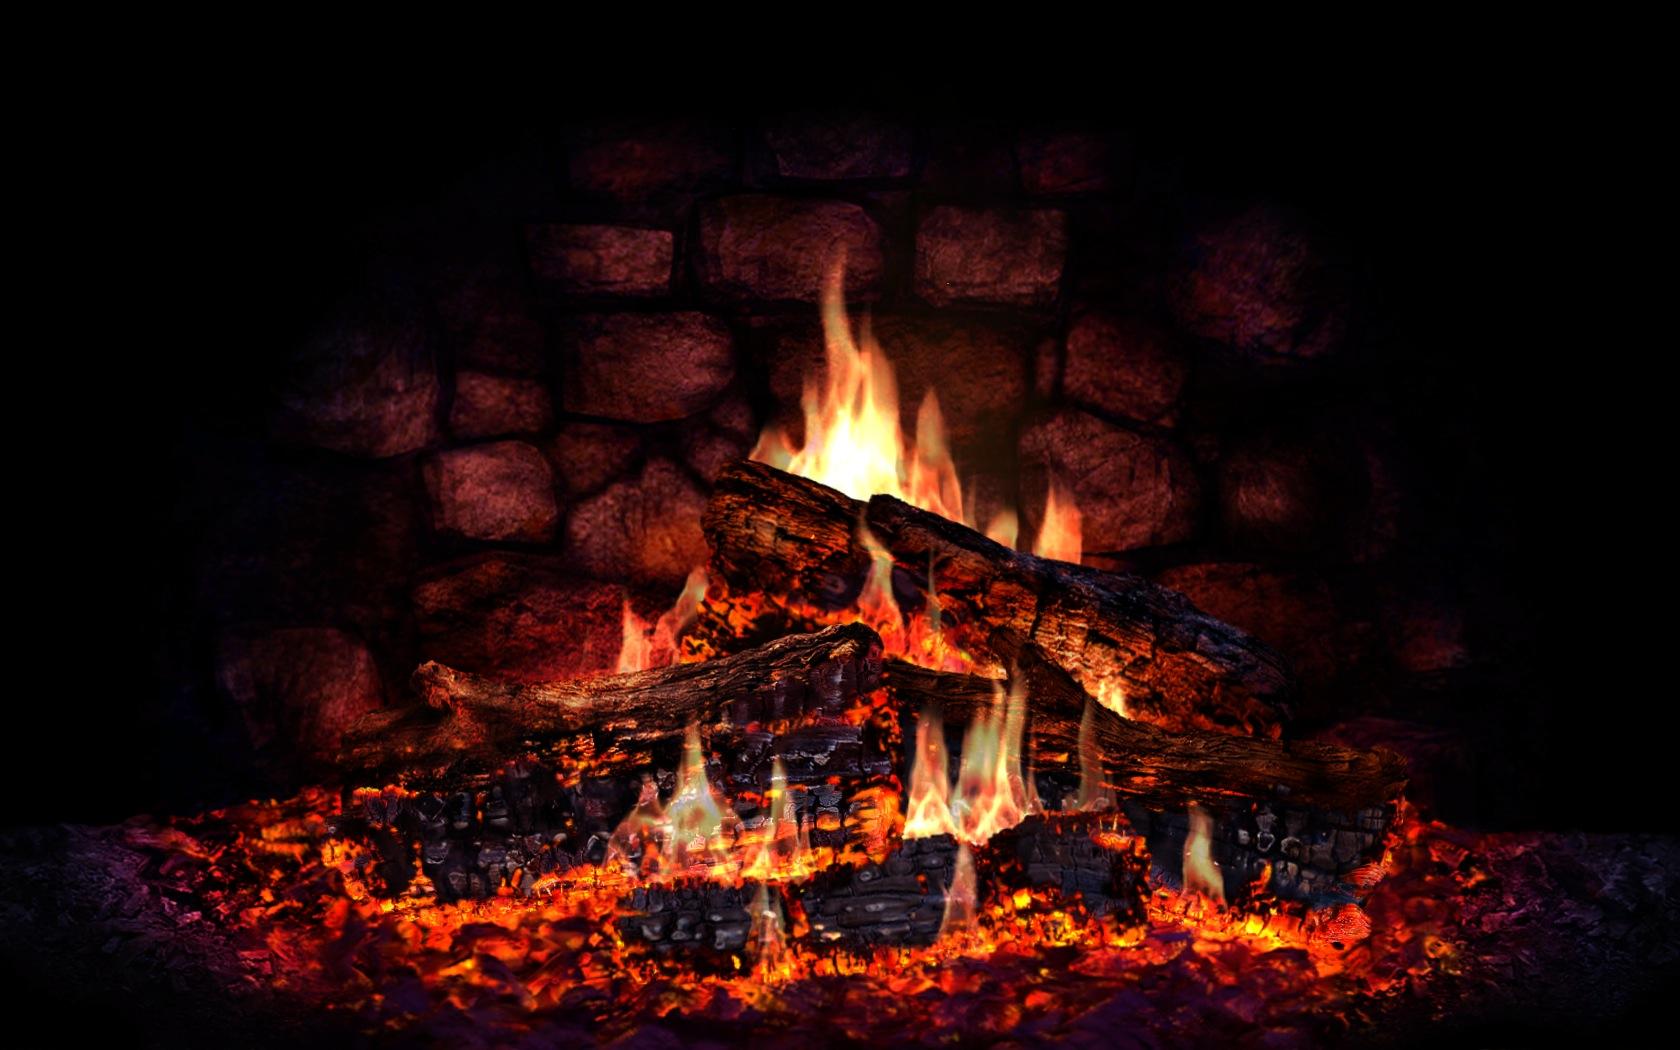 fireplace computer wallpaper 49358